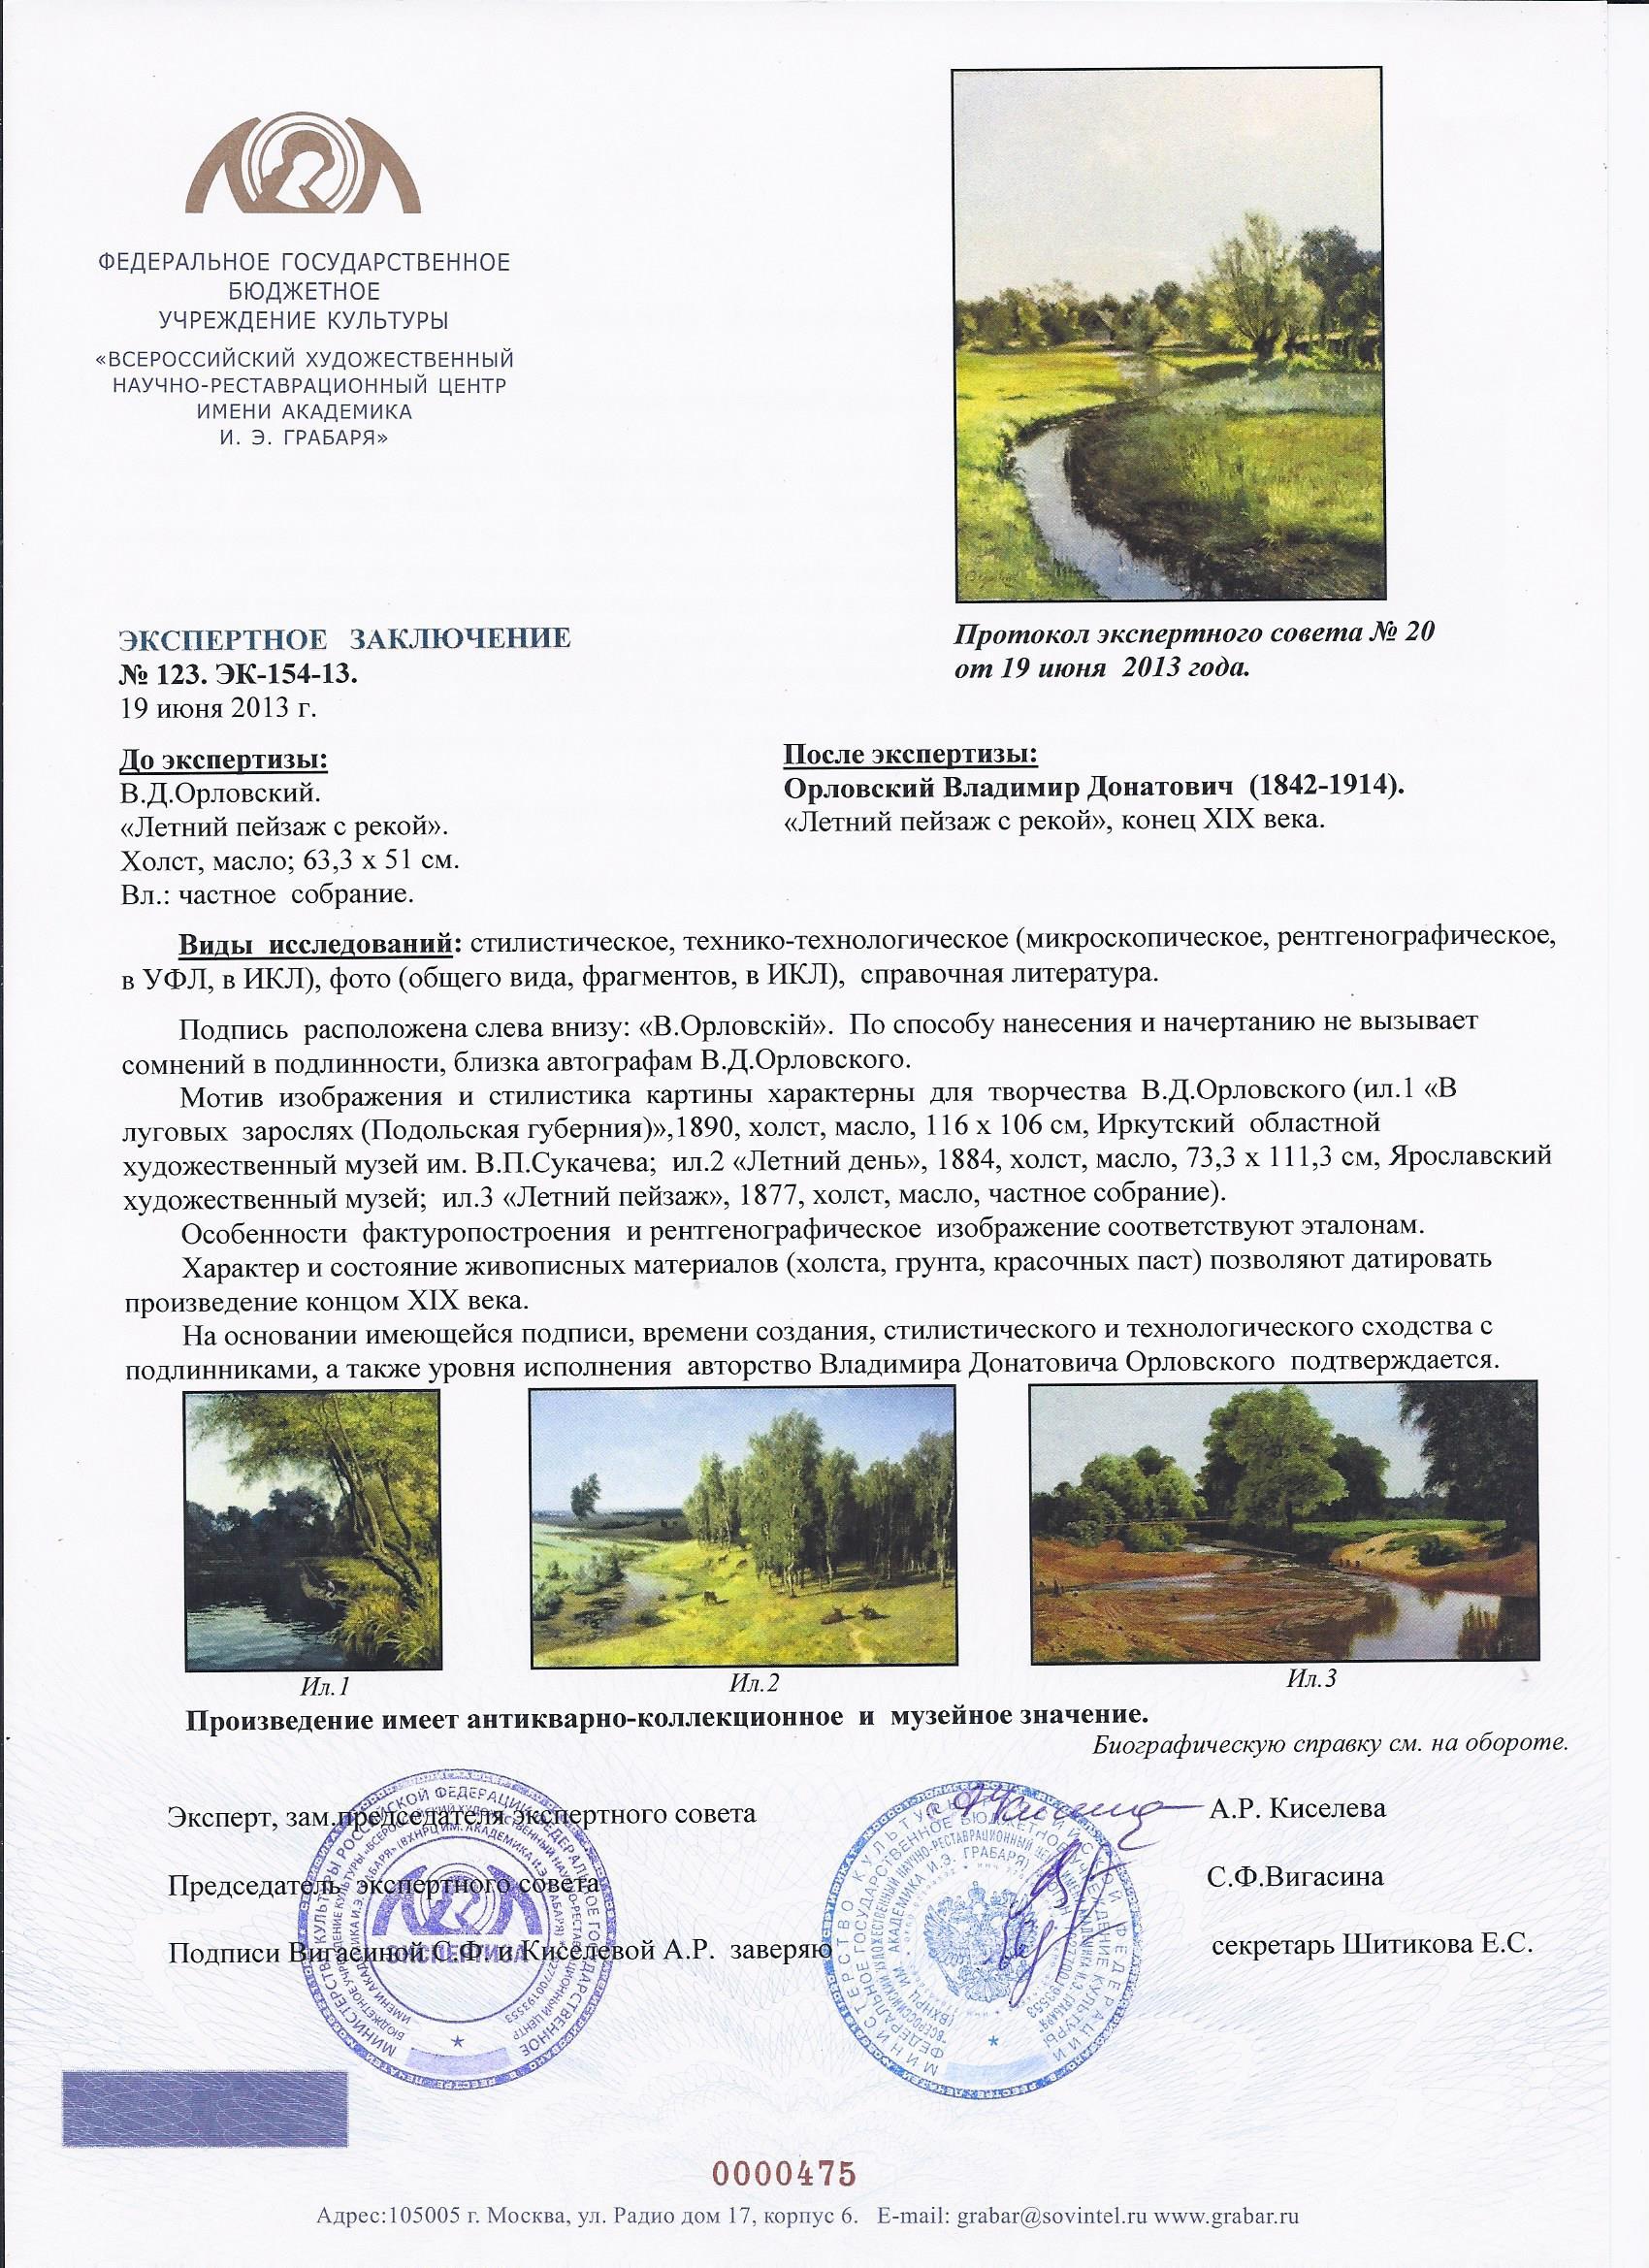 ОрловскийВладимир Донатович «Летний пейзаж с рекой»